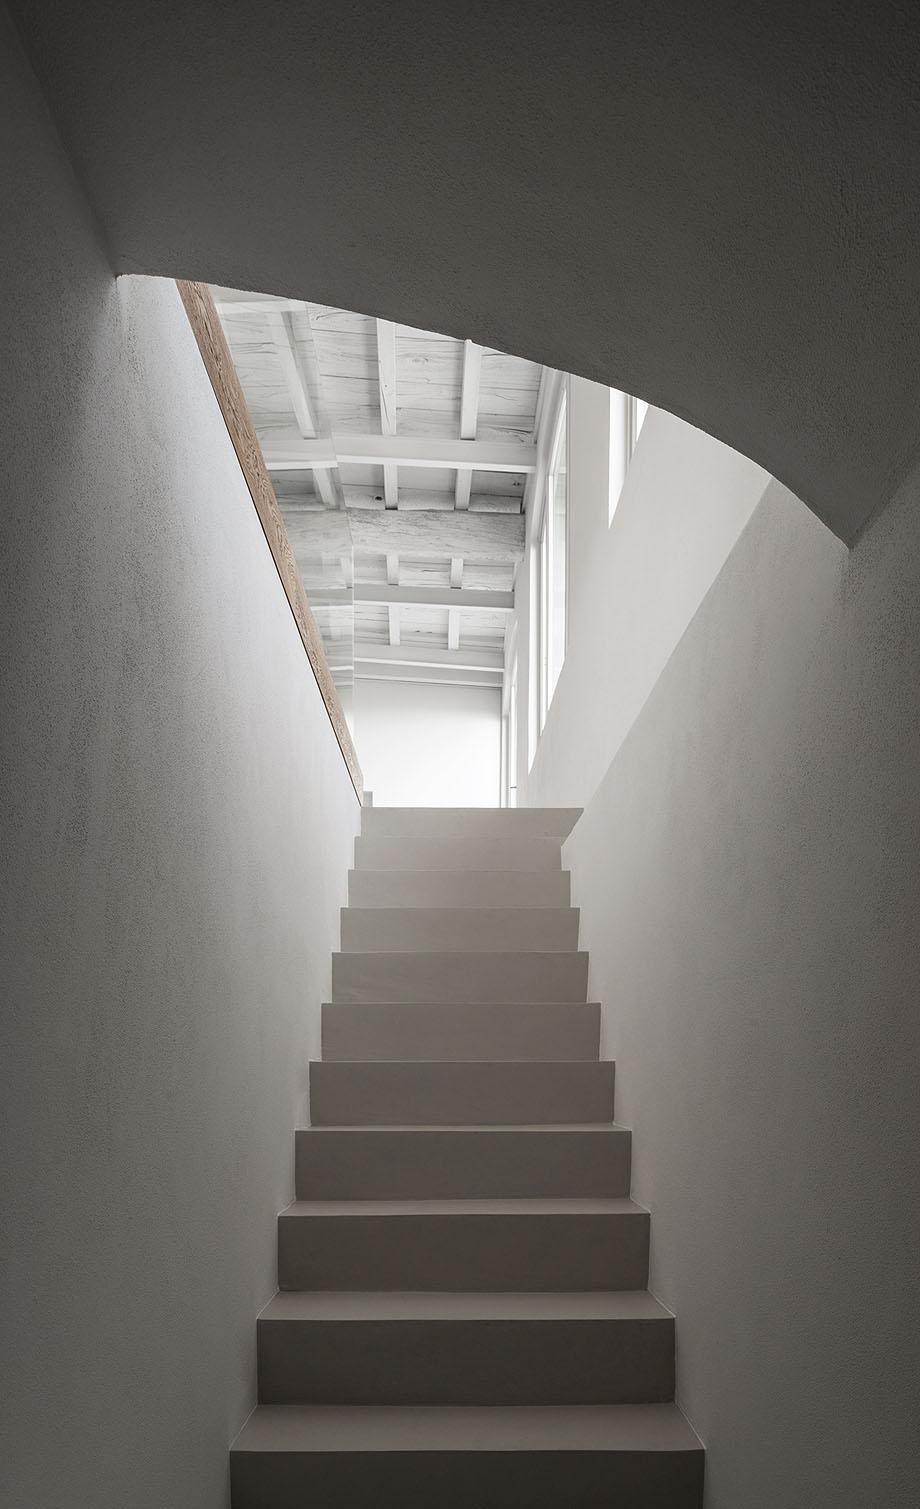 casa ag due architetti (3)